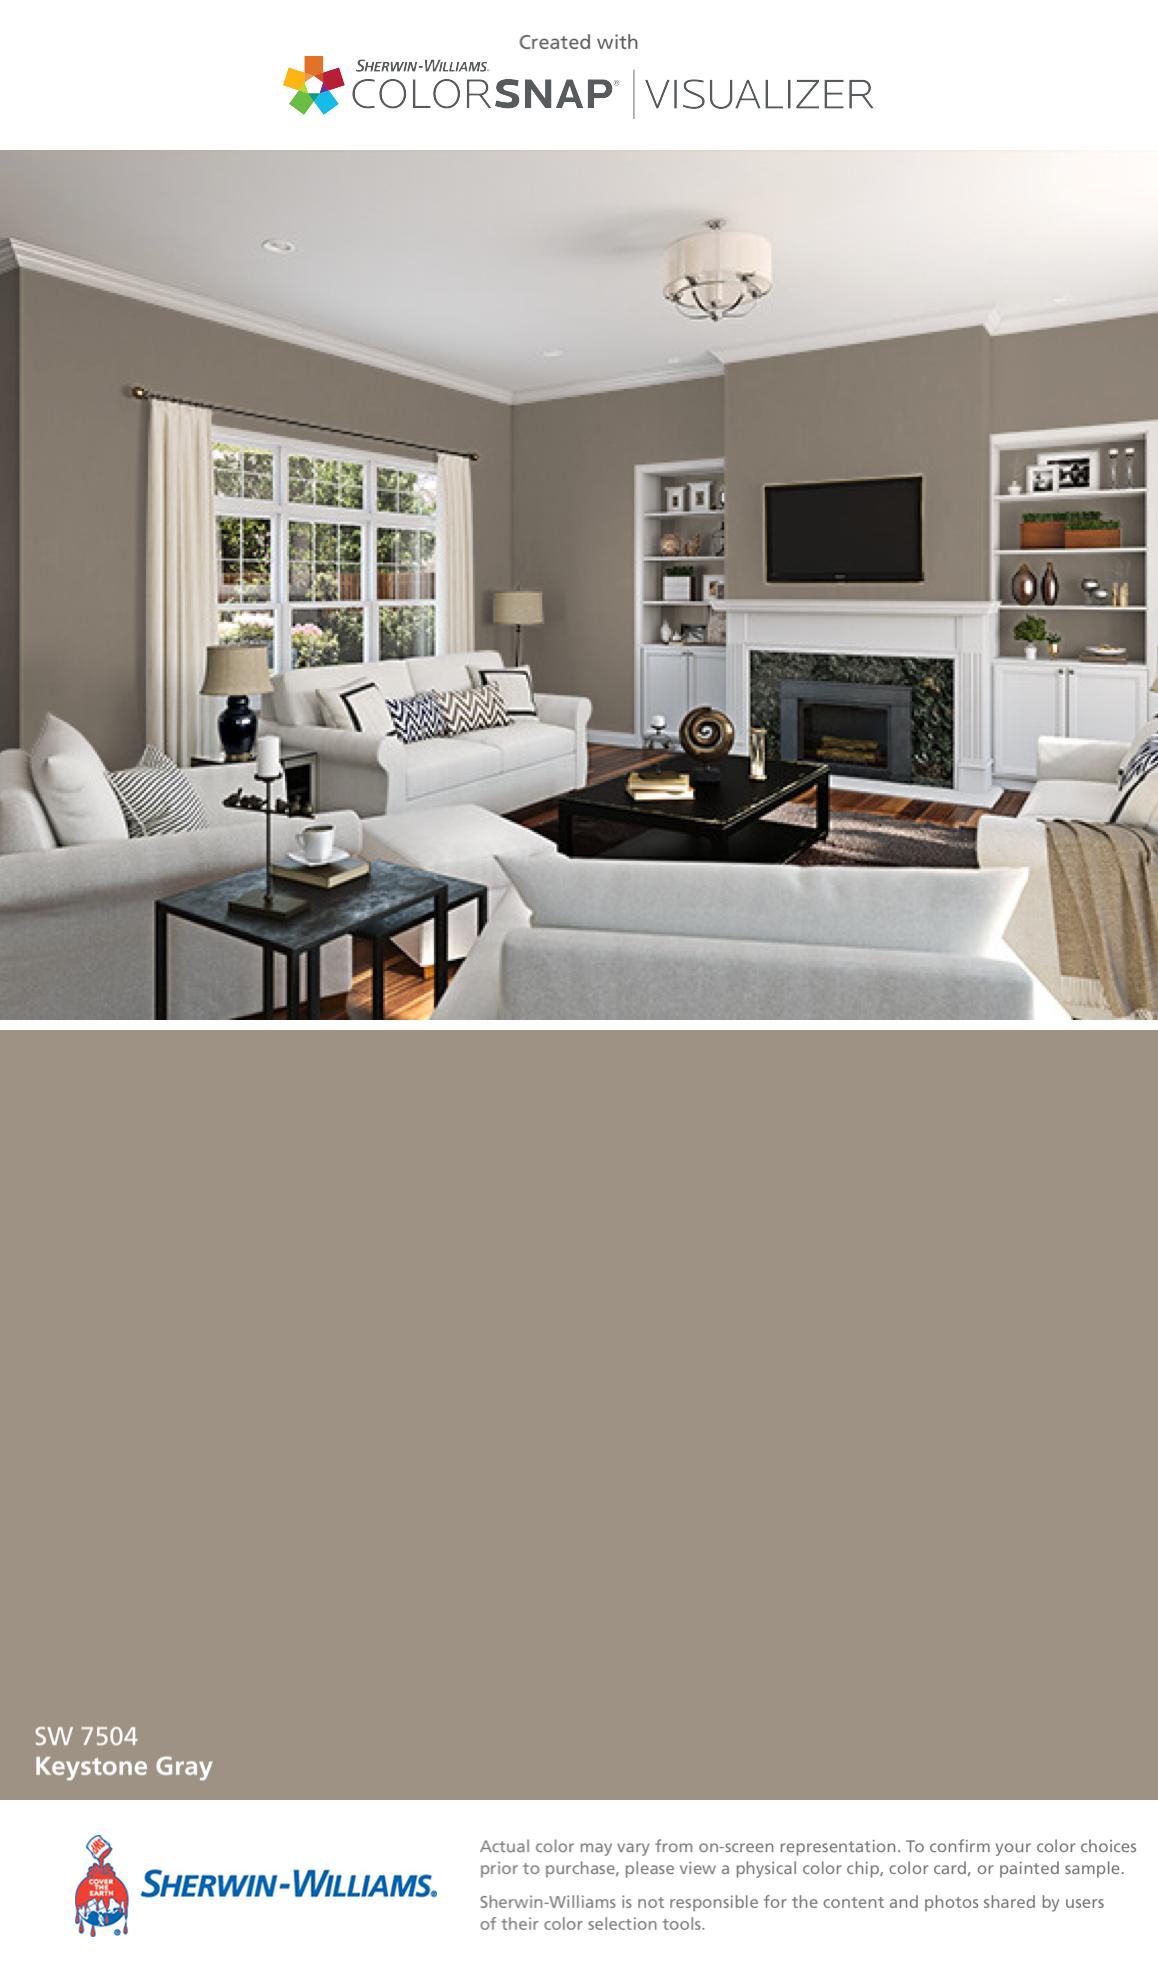 Paint Color Matching App Colorsnap Paint Color App Sherwin Williams Paint Colors For Home Matching Paint Colors Room Paint Colors